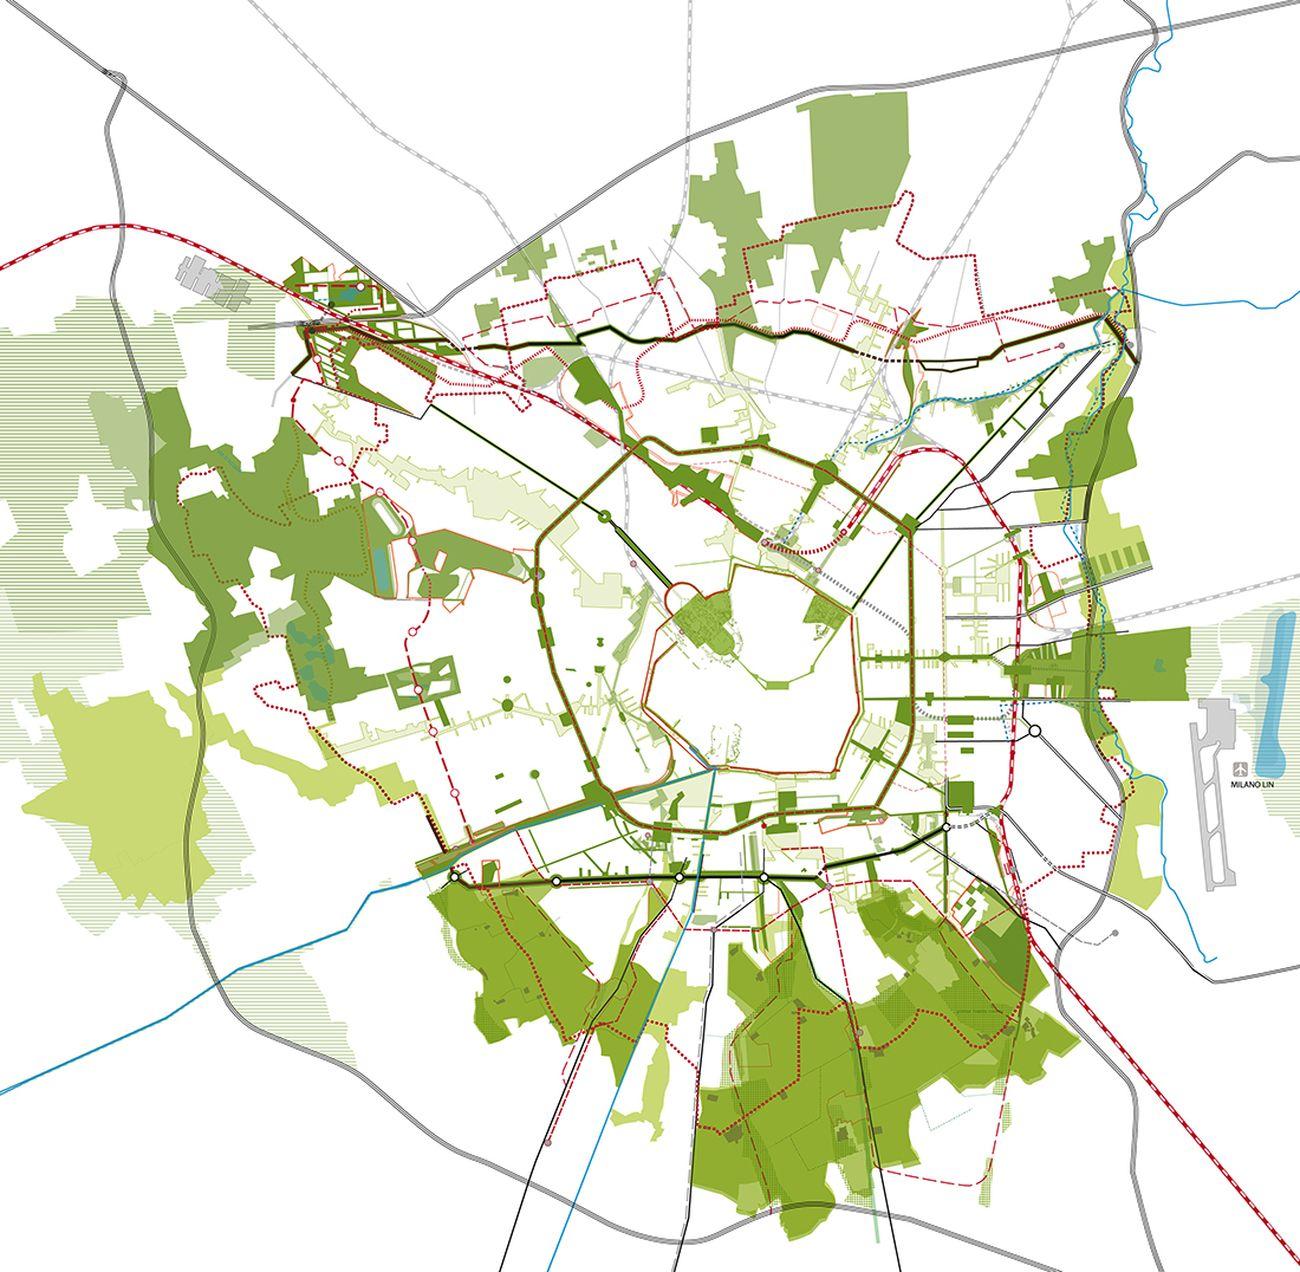 PGT Milano 2011. Decalogo per i quartieri, NIL - Nuclei di Identità locale, La struttura della città pubblica. Credits Metrogramma